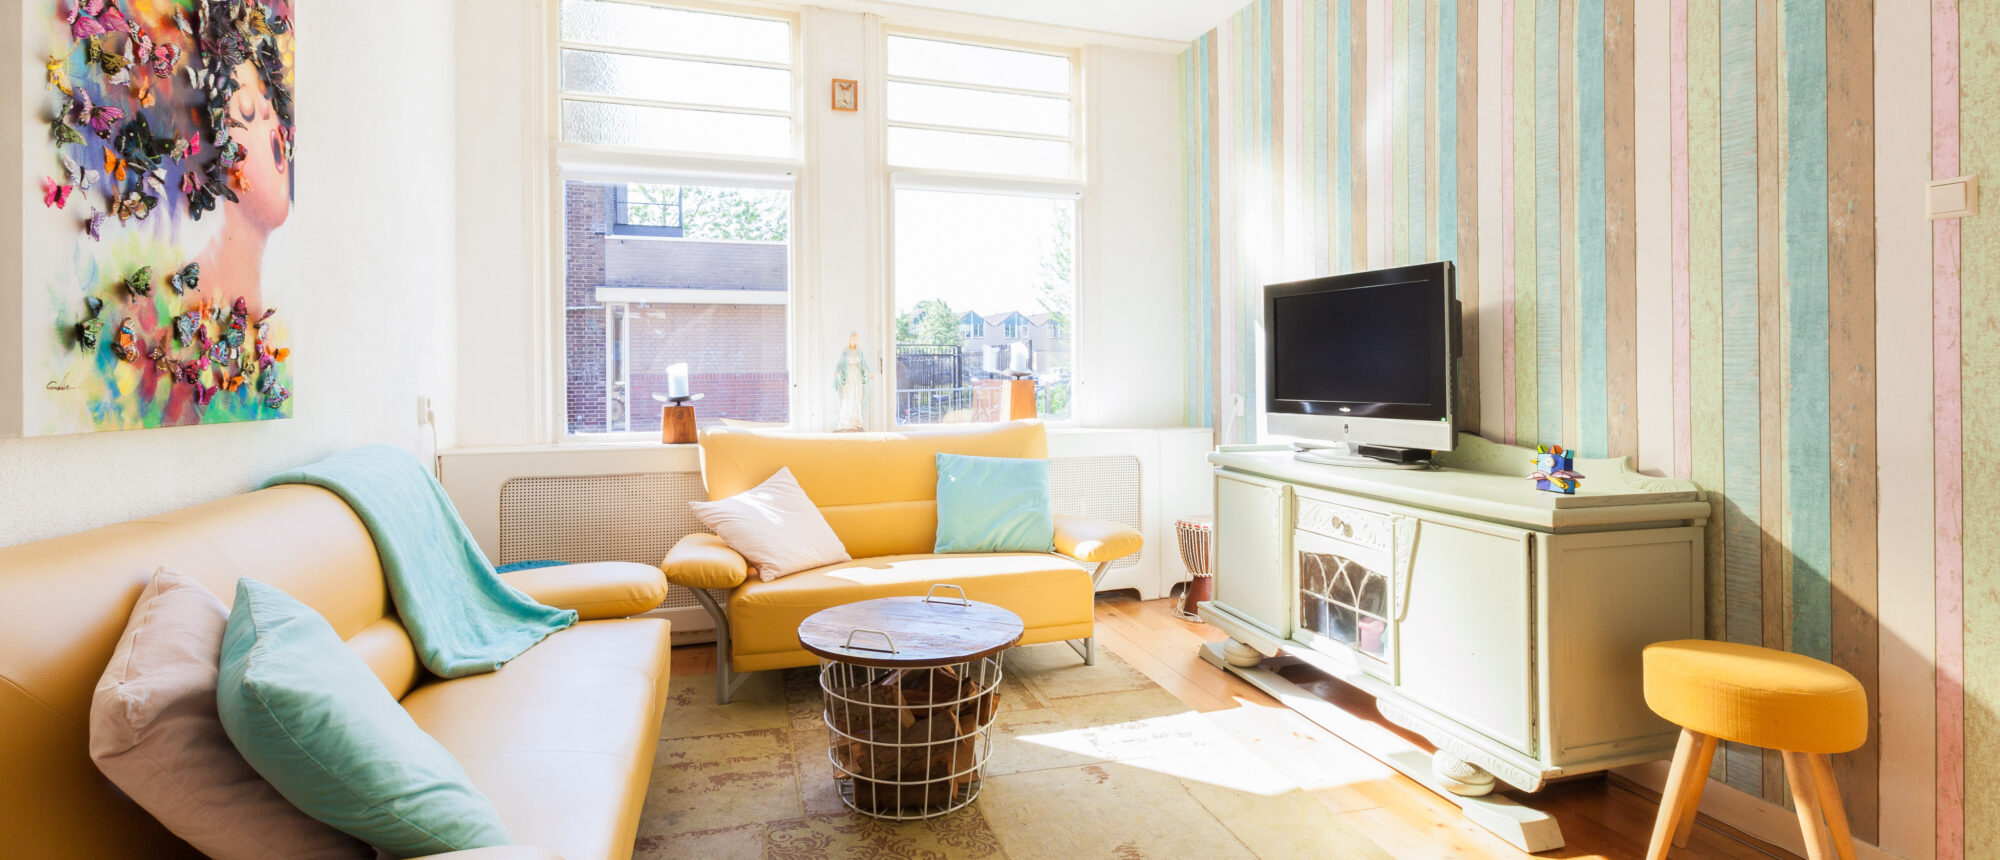 Hoe gewild is jouw koopwoning in de huidige woningmarkt. Krijg jij de vraagprijs of meer? Doe de verkoopkans berekening.